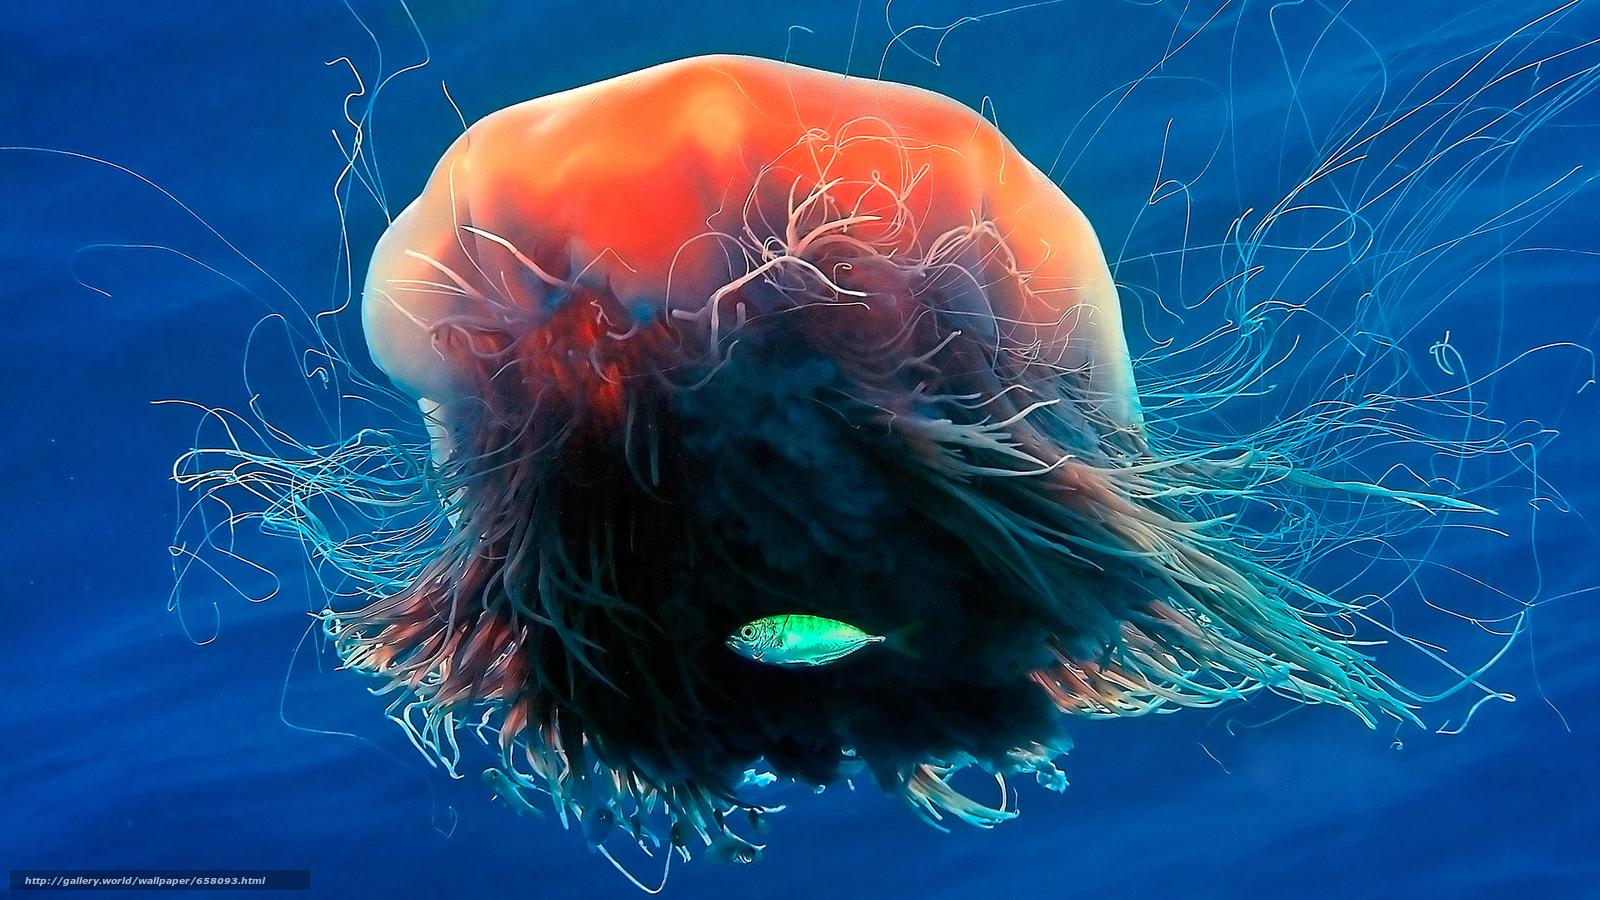 pobra tapety meduza,  Meduza,  Podwodny świat,  woda Darmowe tapety na pulpit rozdzielczoci 1920x1080 — zdjcie №658093